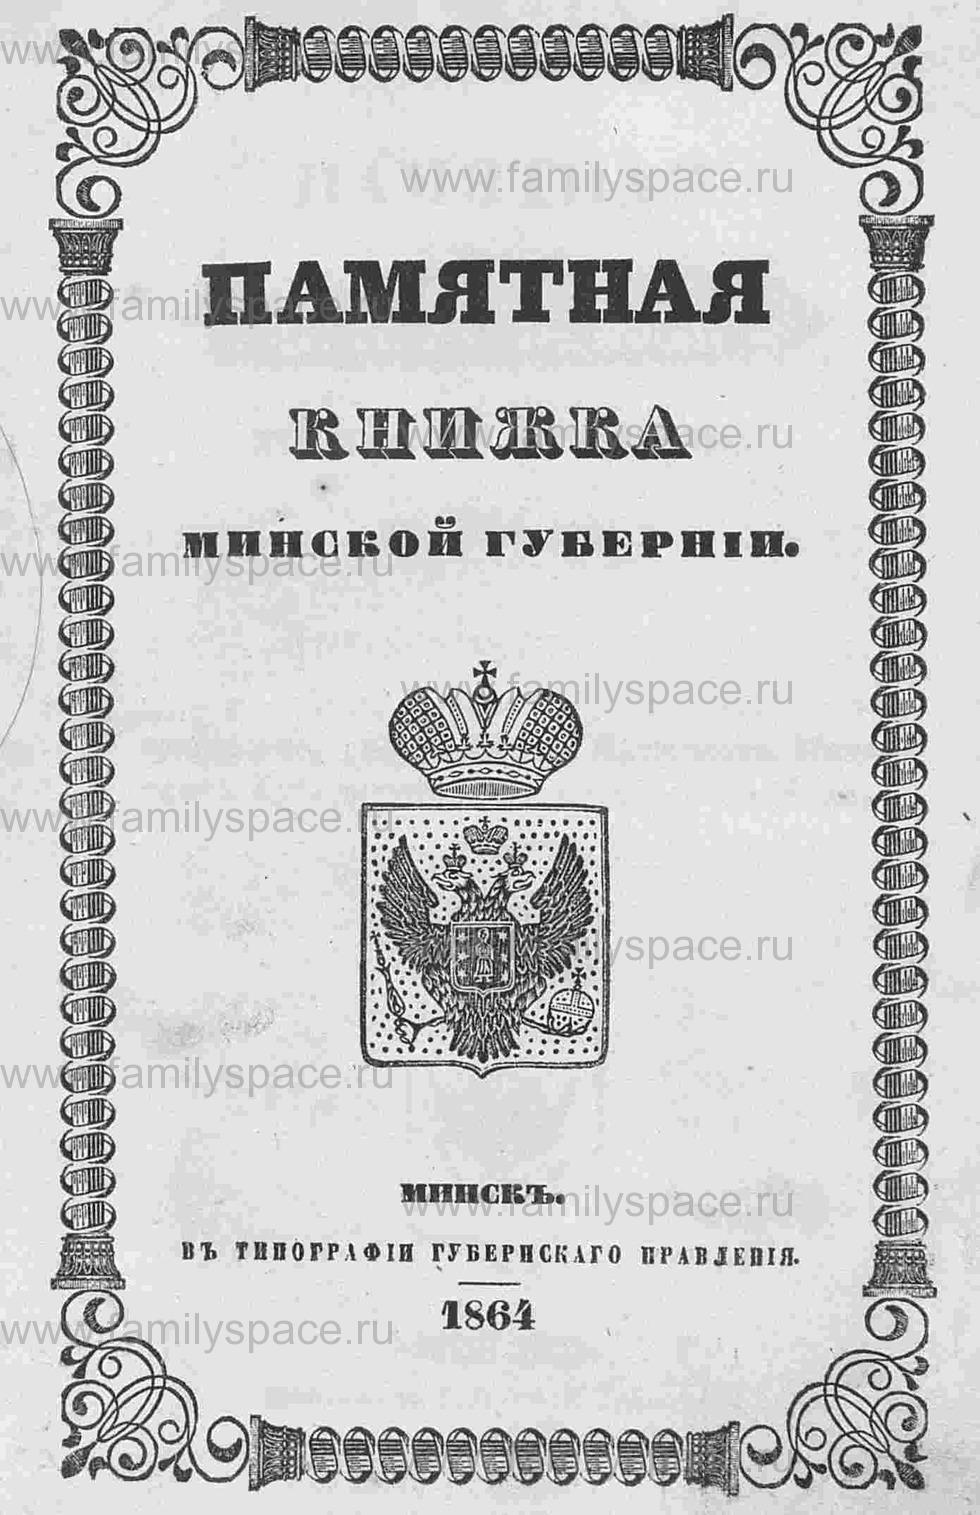 Поиск по фамилии - Памятная книжка Минской губернии на 1864 год, страница 3